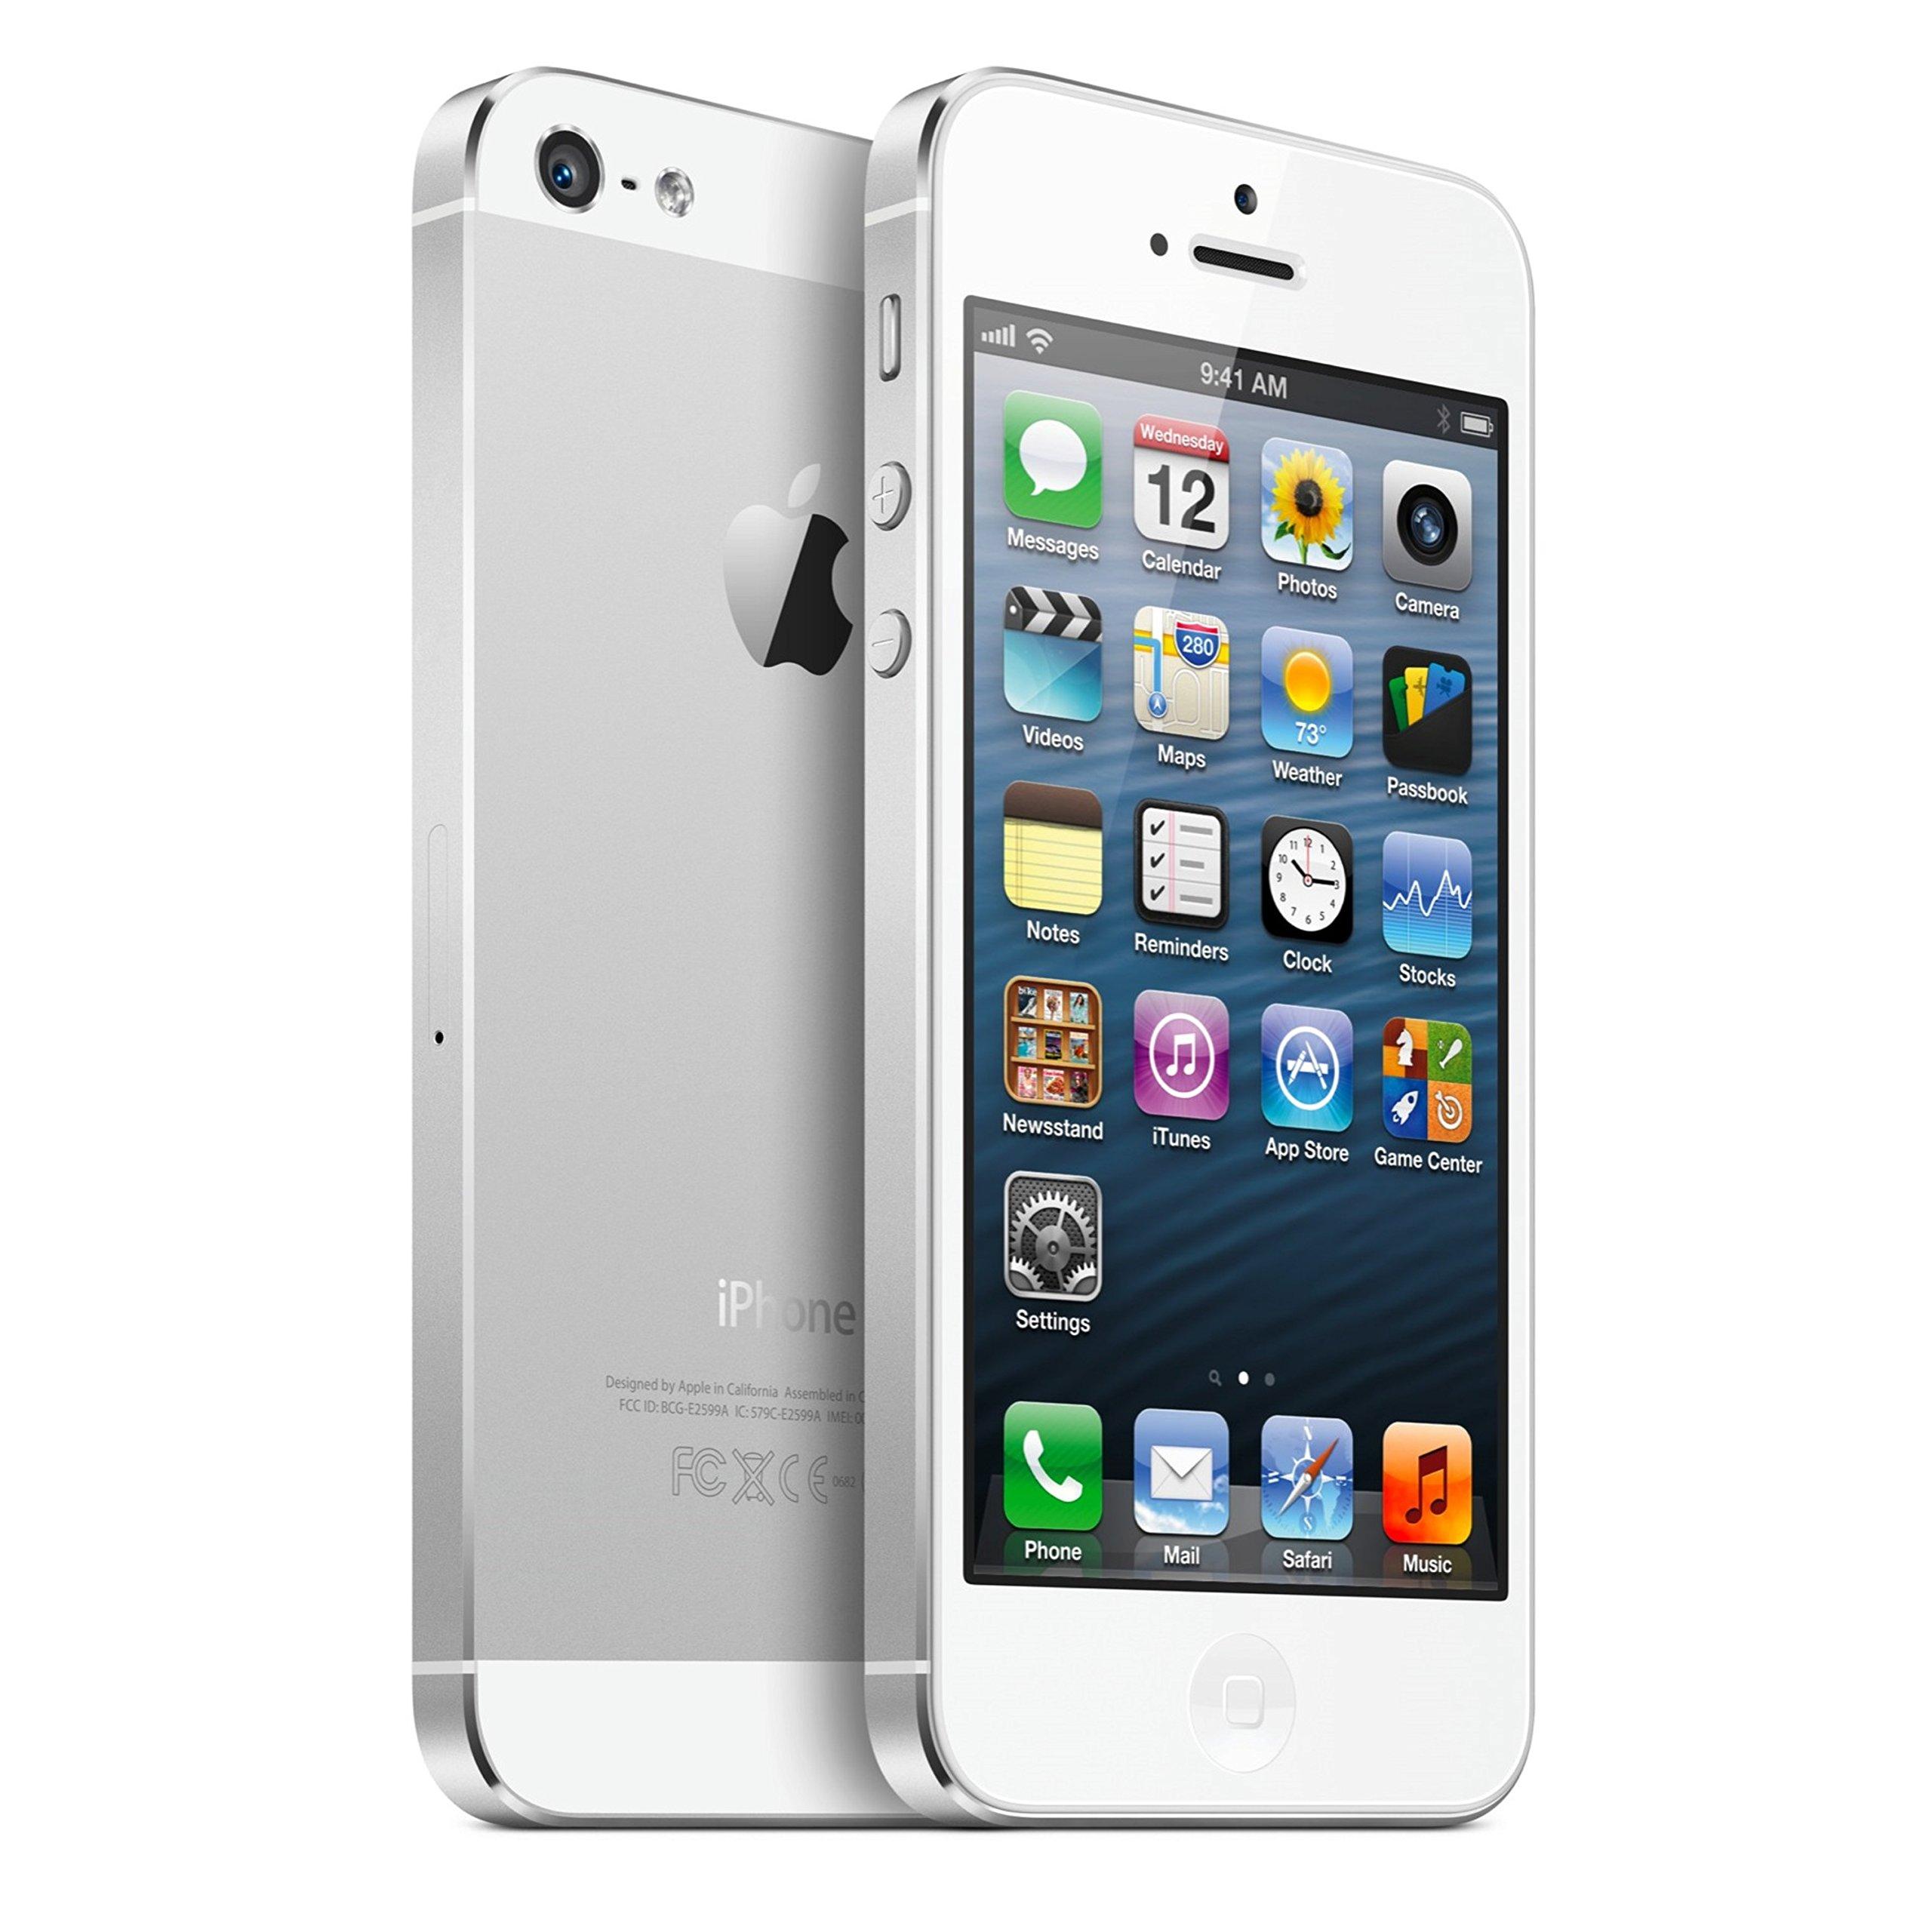 Buy Iphone 5 Now!